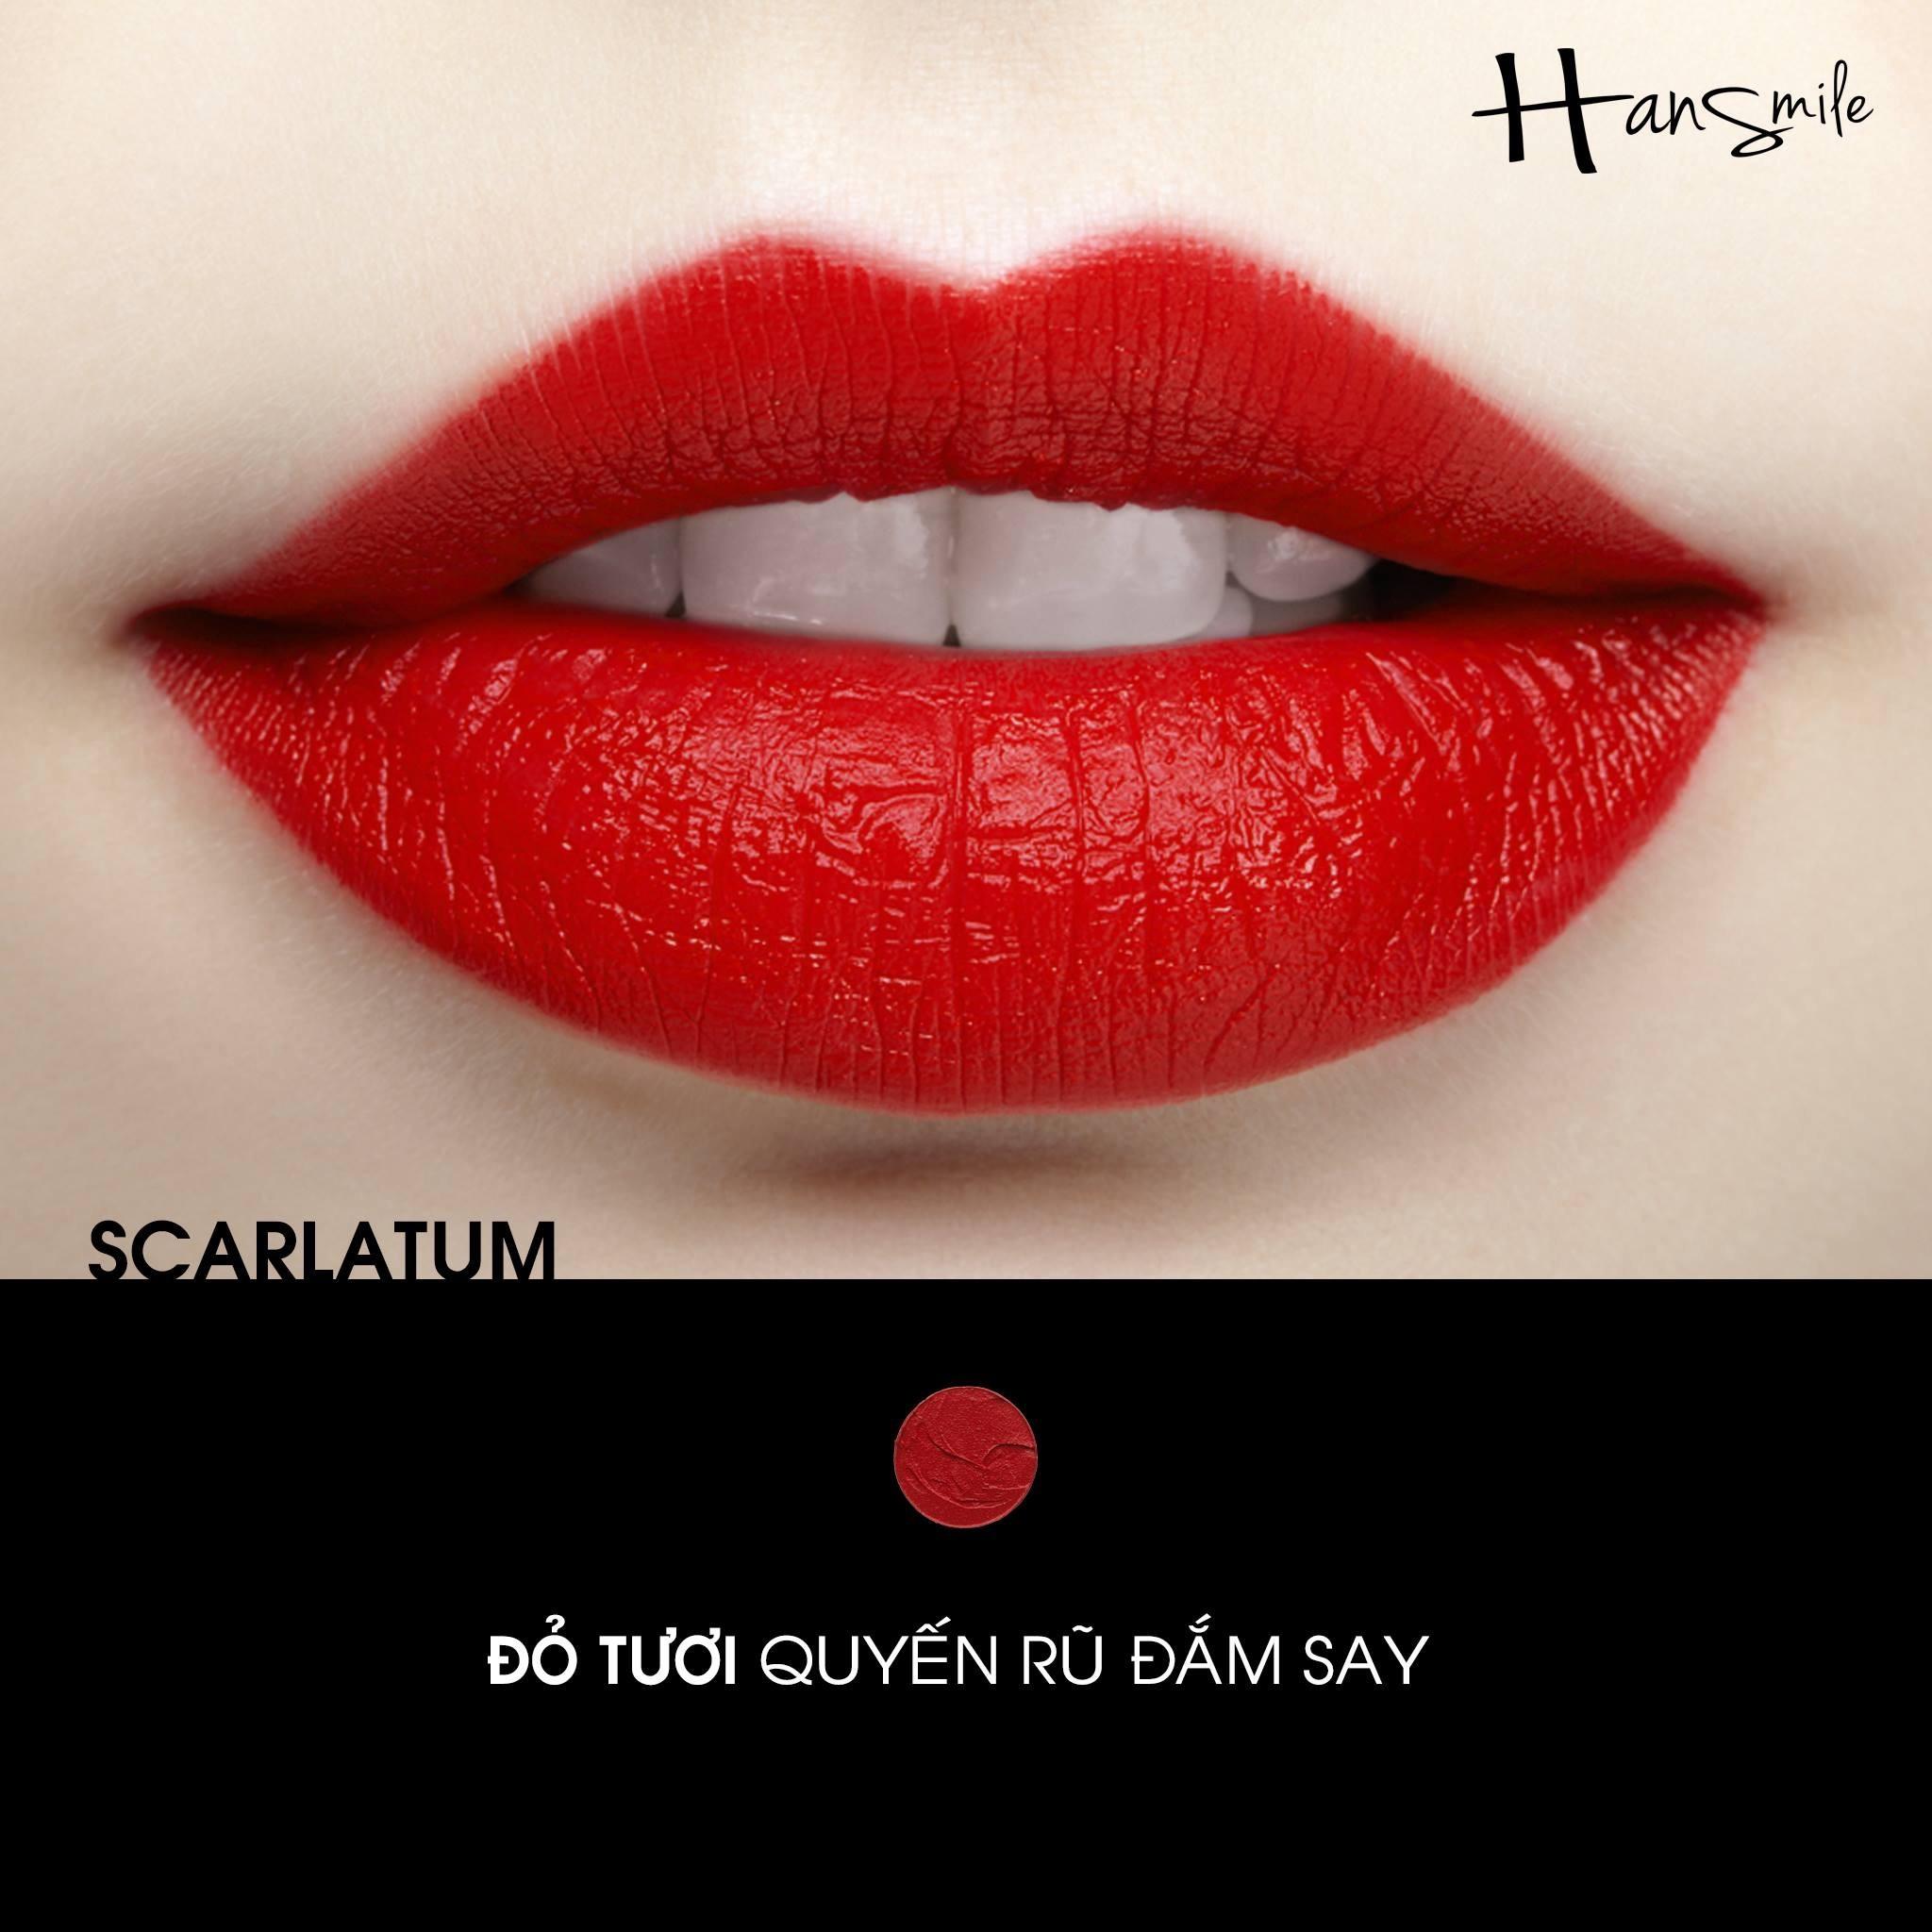 Son Hansmile Mystic #Scarlatum